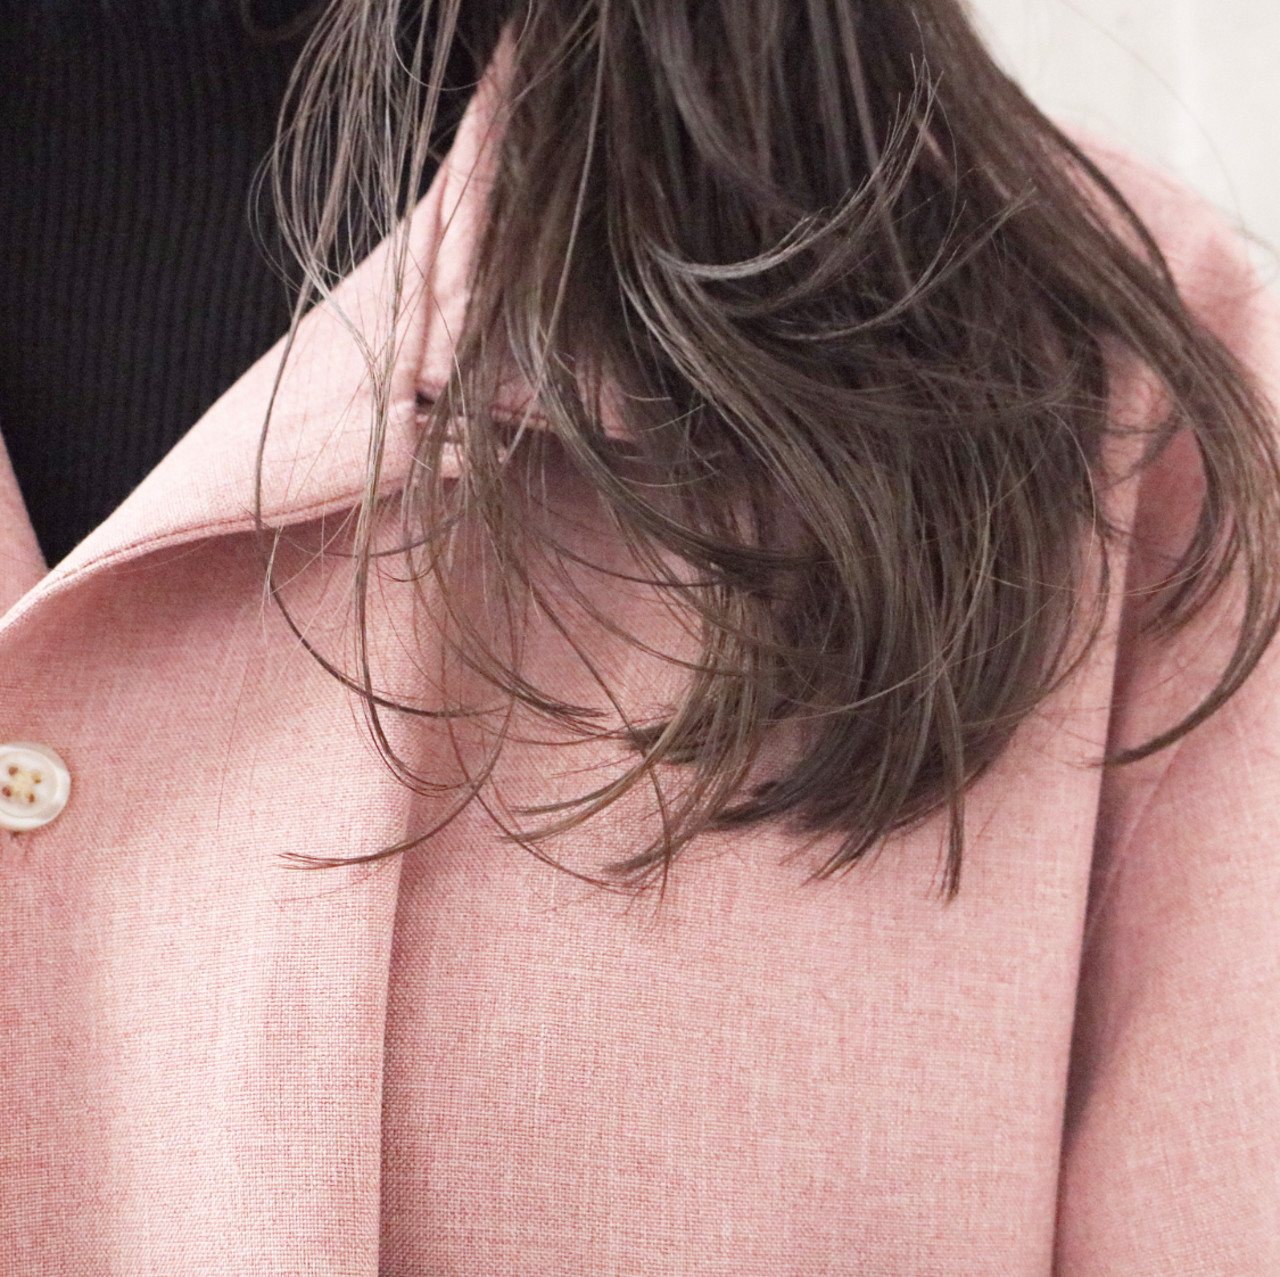 アンニュイほつれヘア 透明感カラー ヌーディベージュ ナチュラル ヘアスタイルや髪型の写真・画像